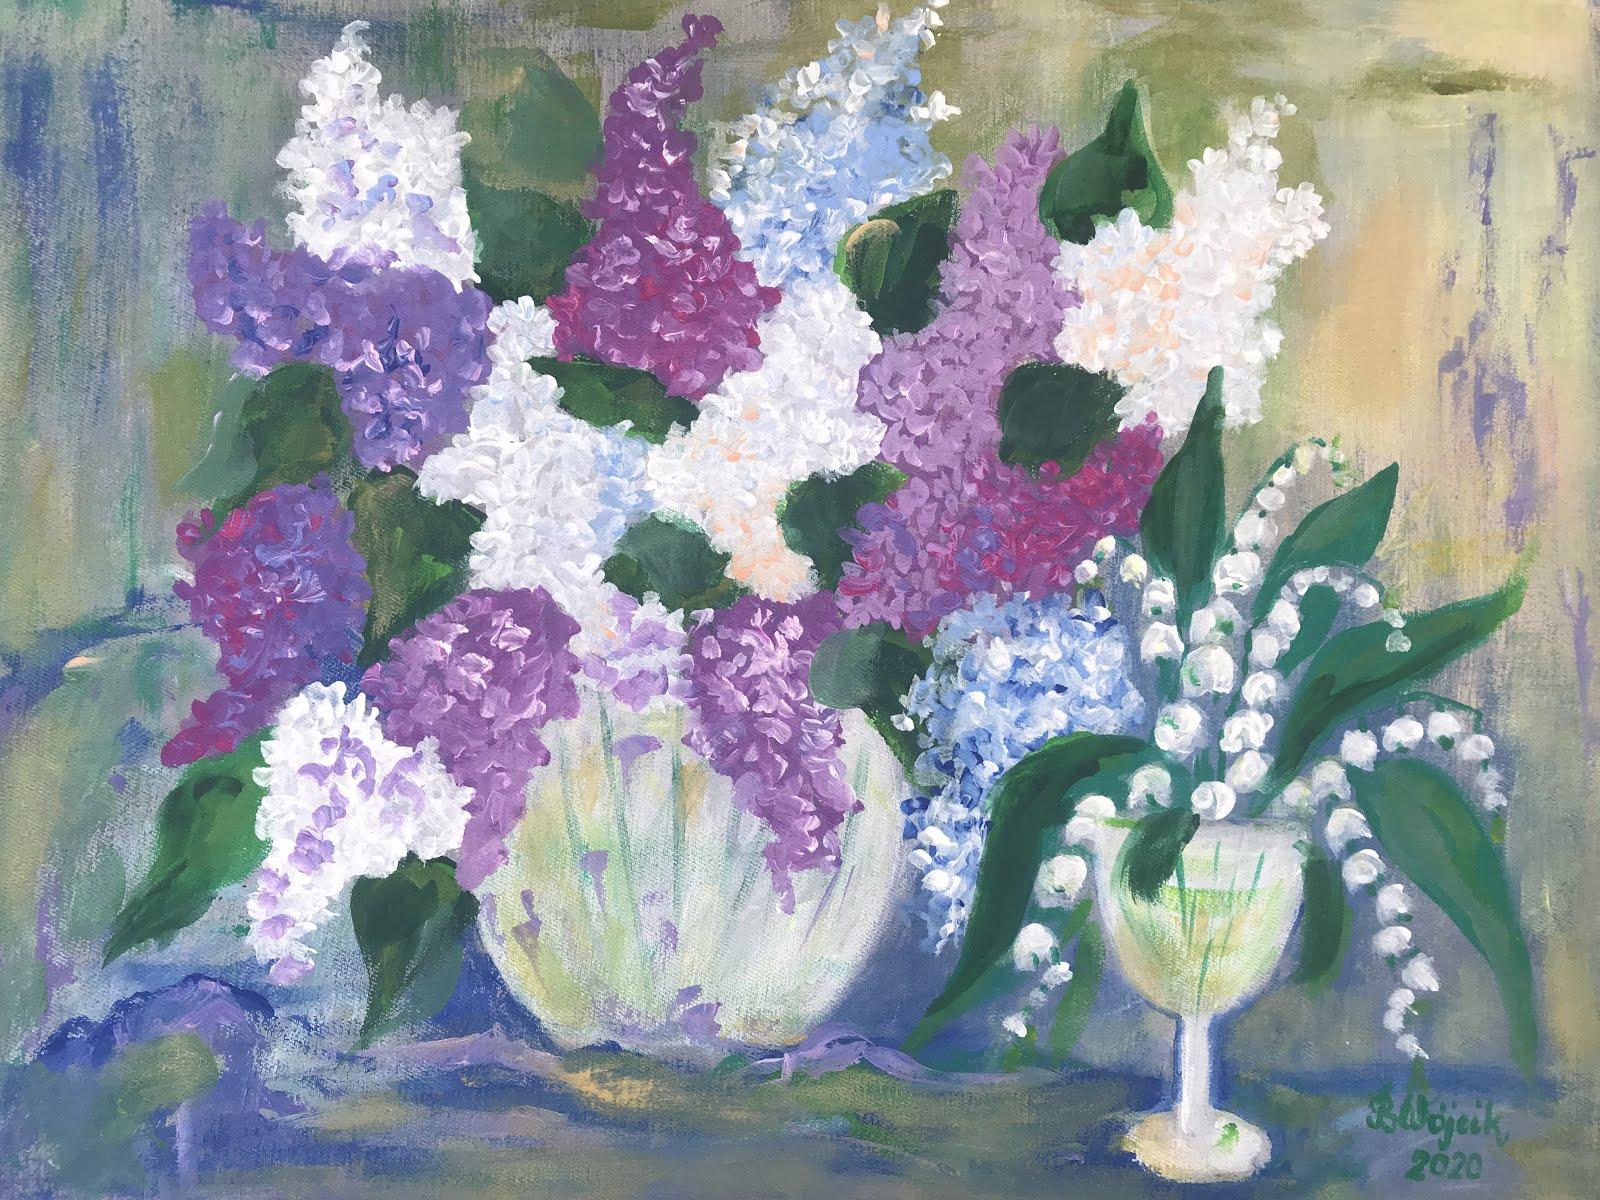 W 7. urodziny bloga kwiatowy obraz wędruje do Agaty Z.